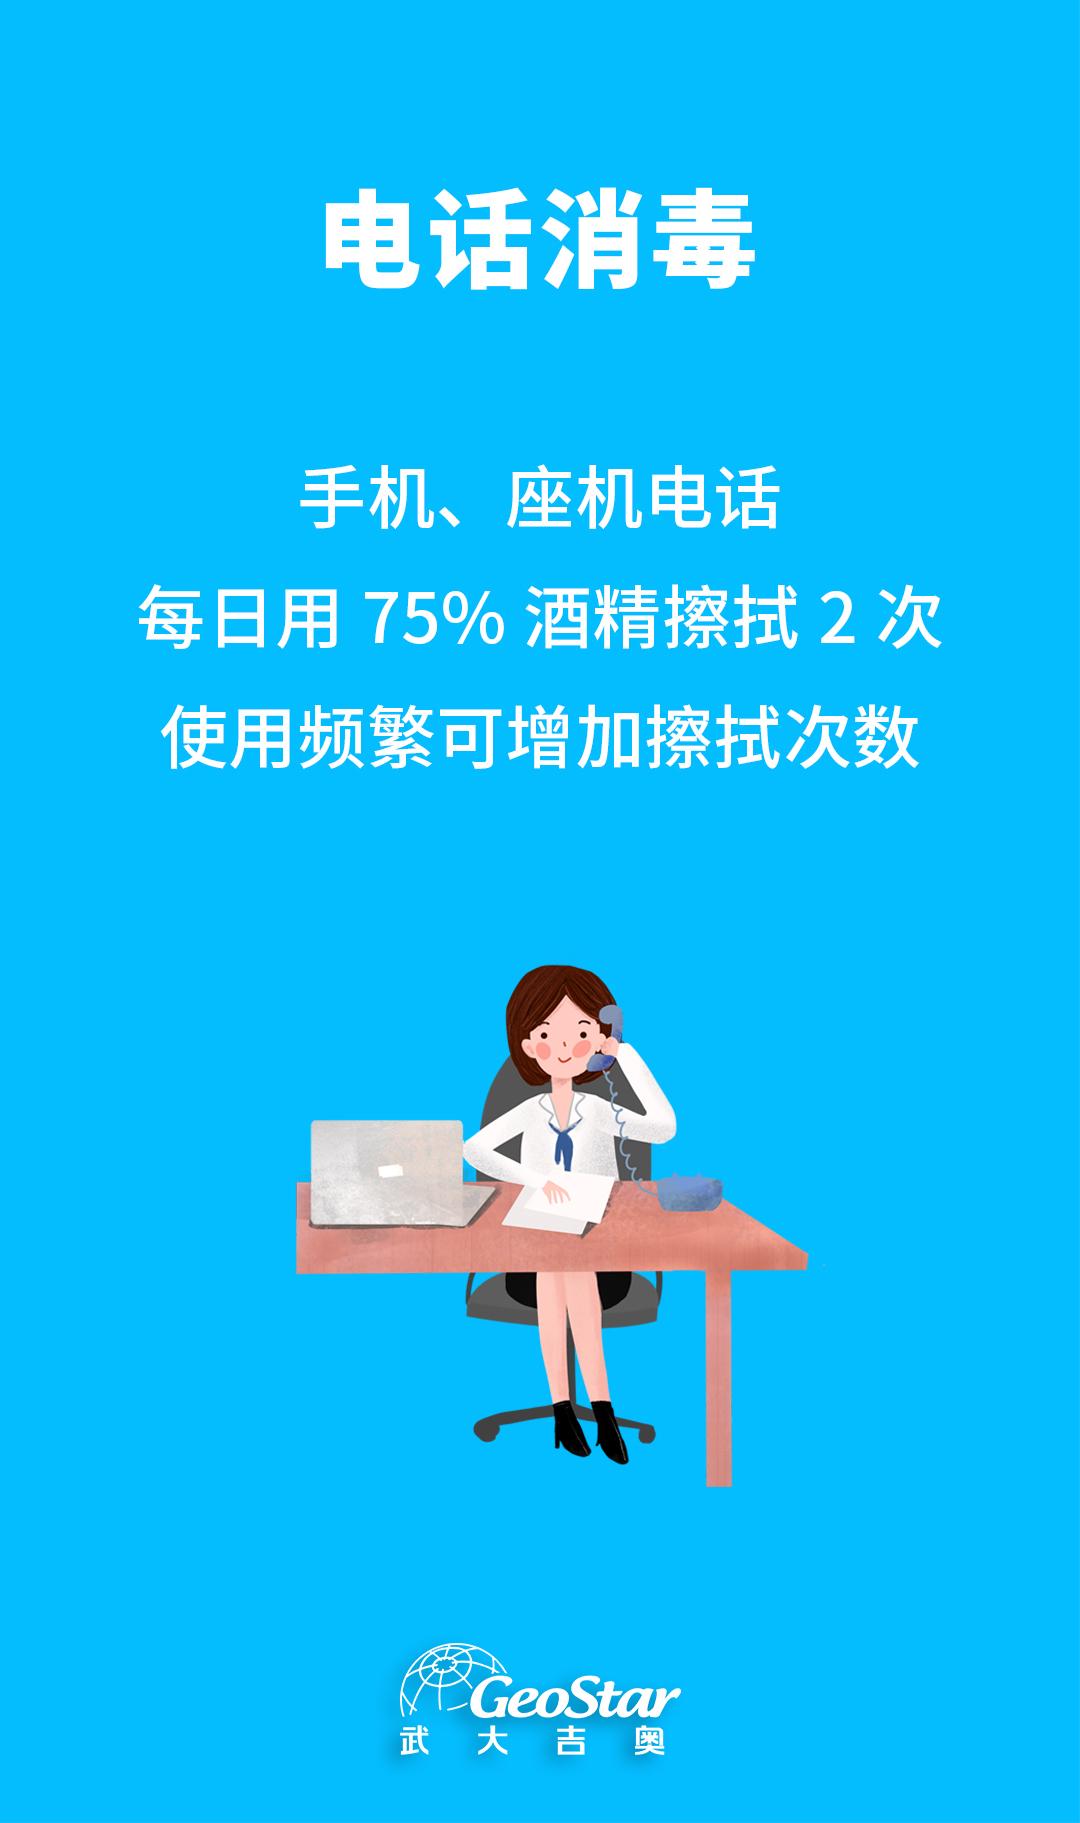 9.地信企业复工防疫指南-电话消毒